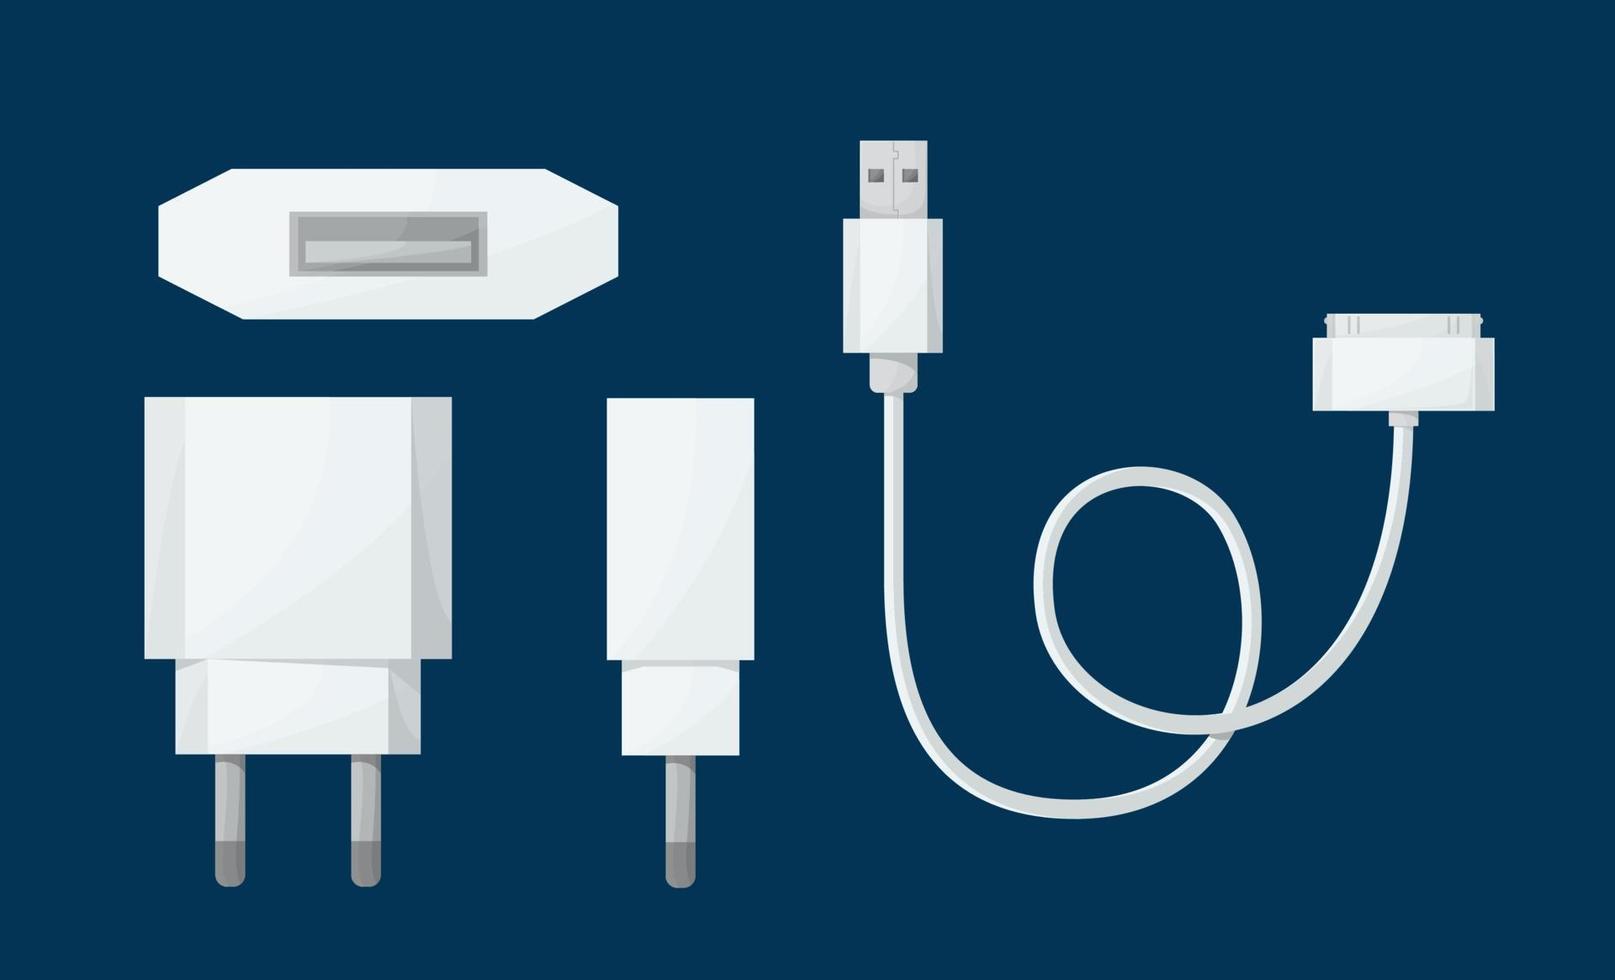 Adaptador de cargador USB para teléfono inteligente en una vista diferente con micro cable USB de 30 pines. ilustración vectorial en estilo de dibujos animados. vector